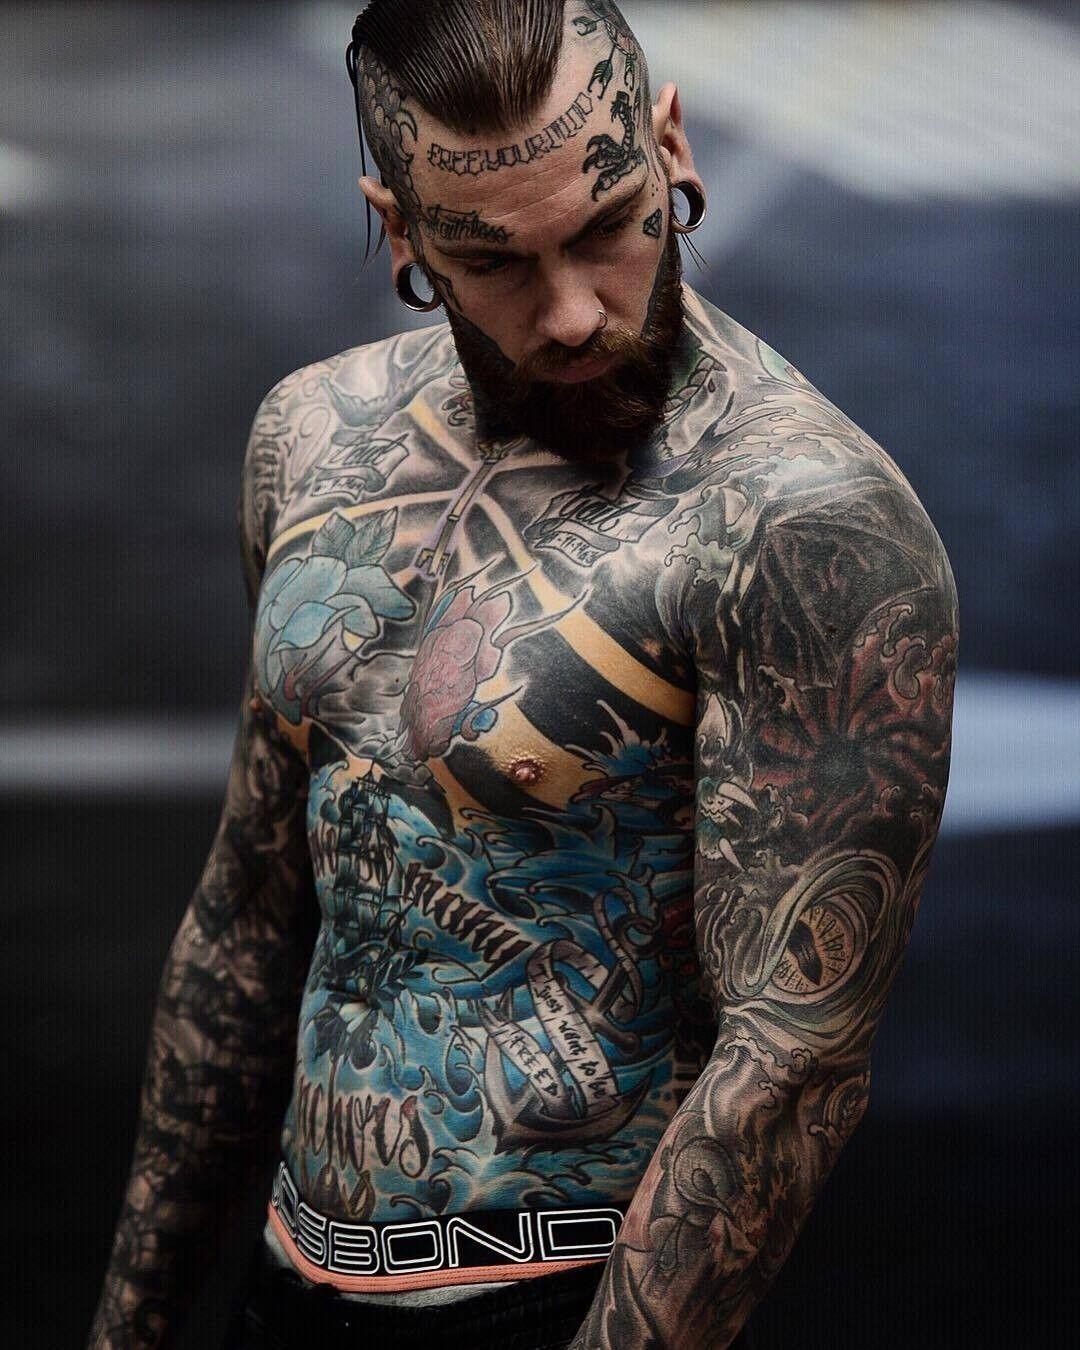 деле всё все виды татуировок картинки мастер-классе анастасия поделится